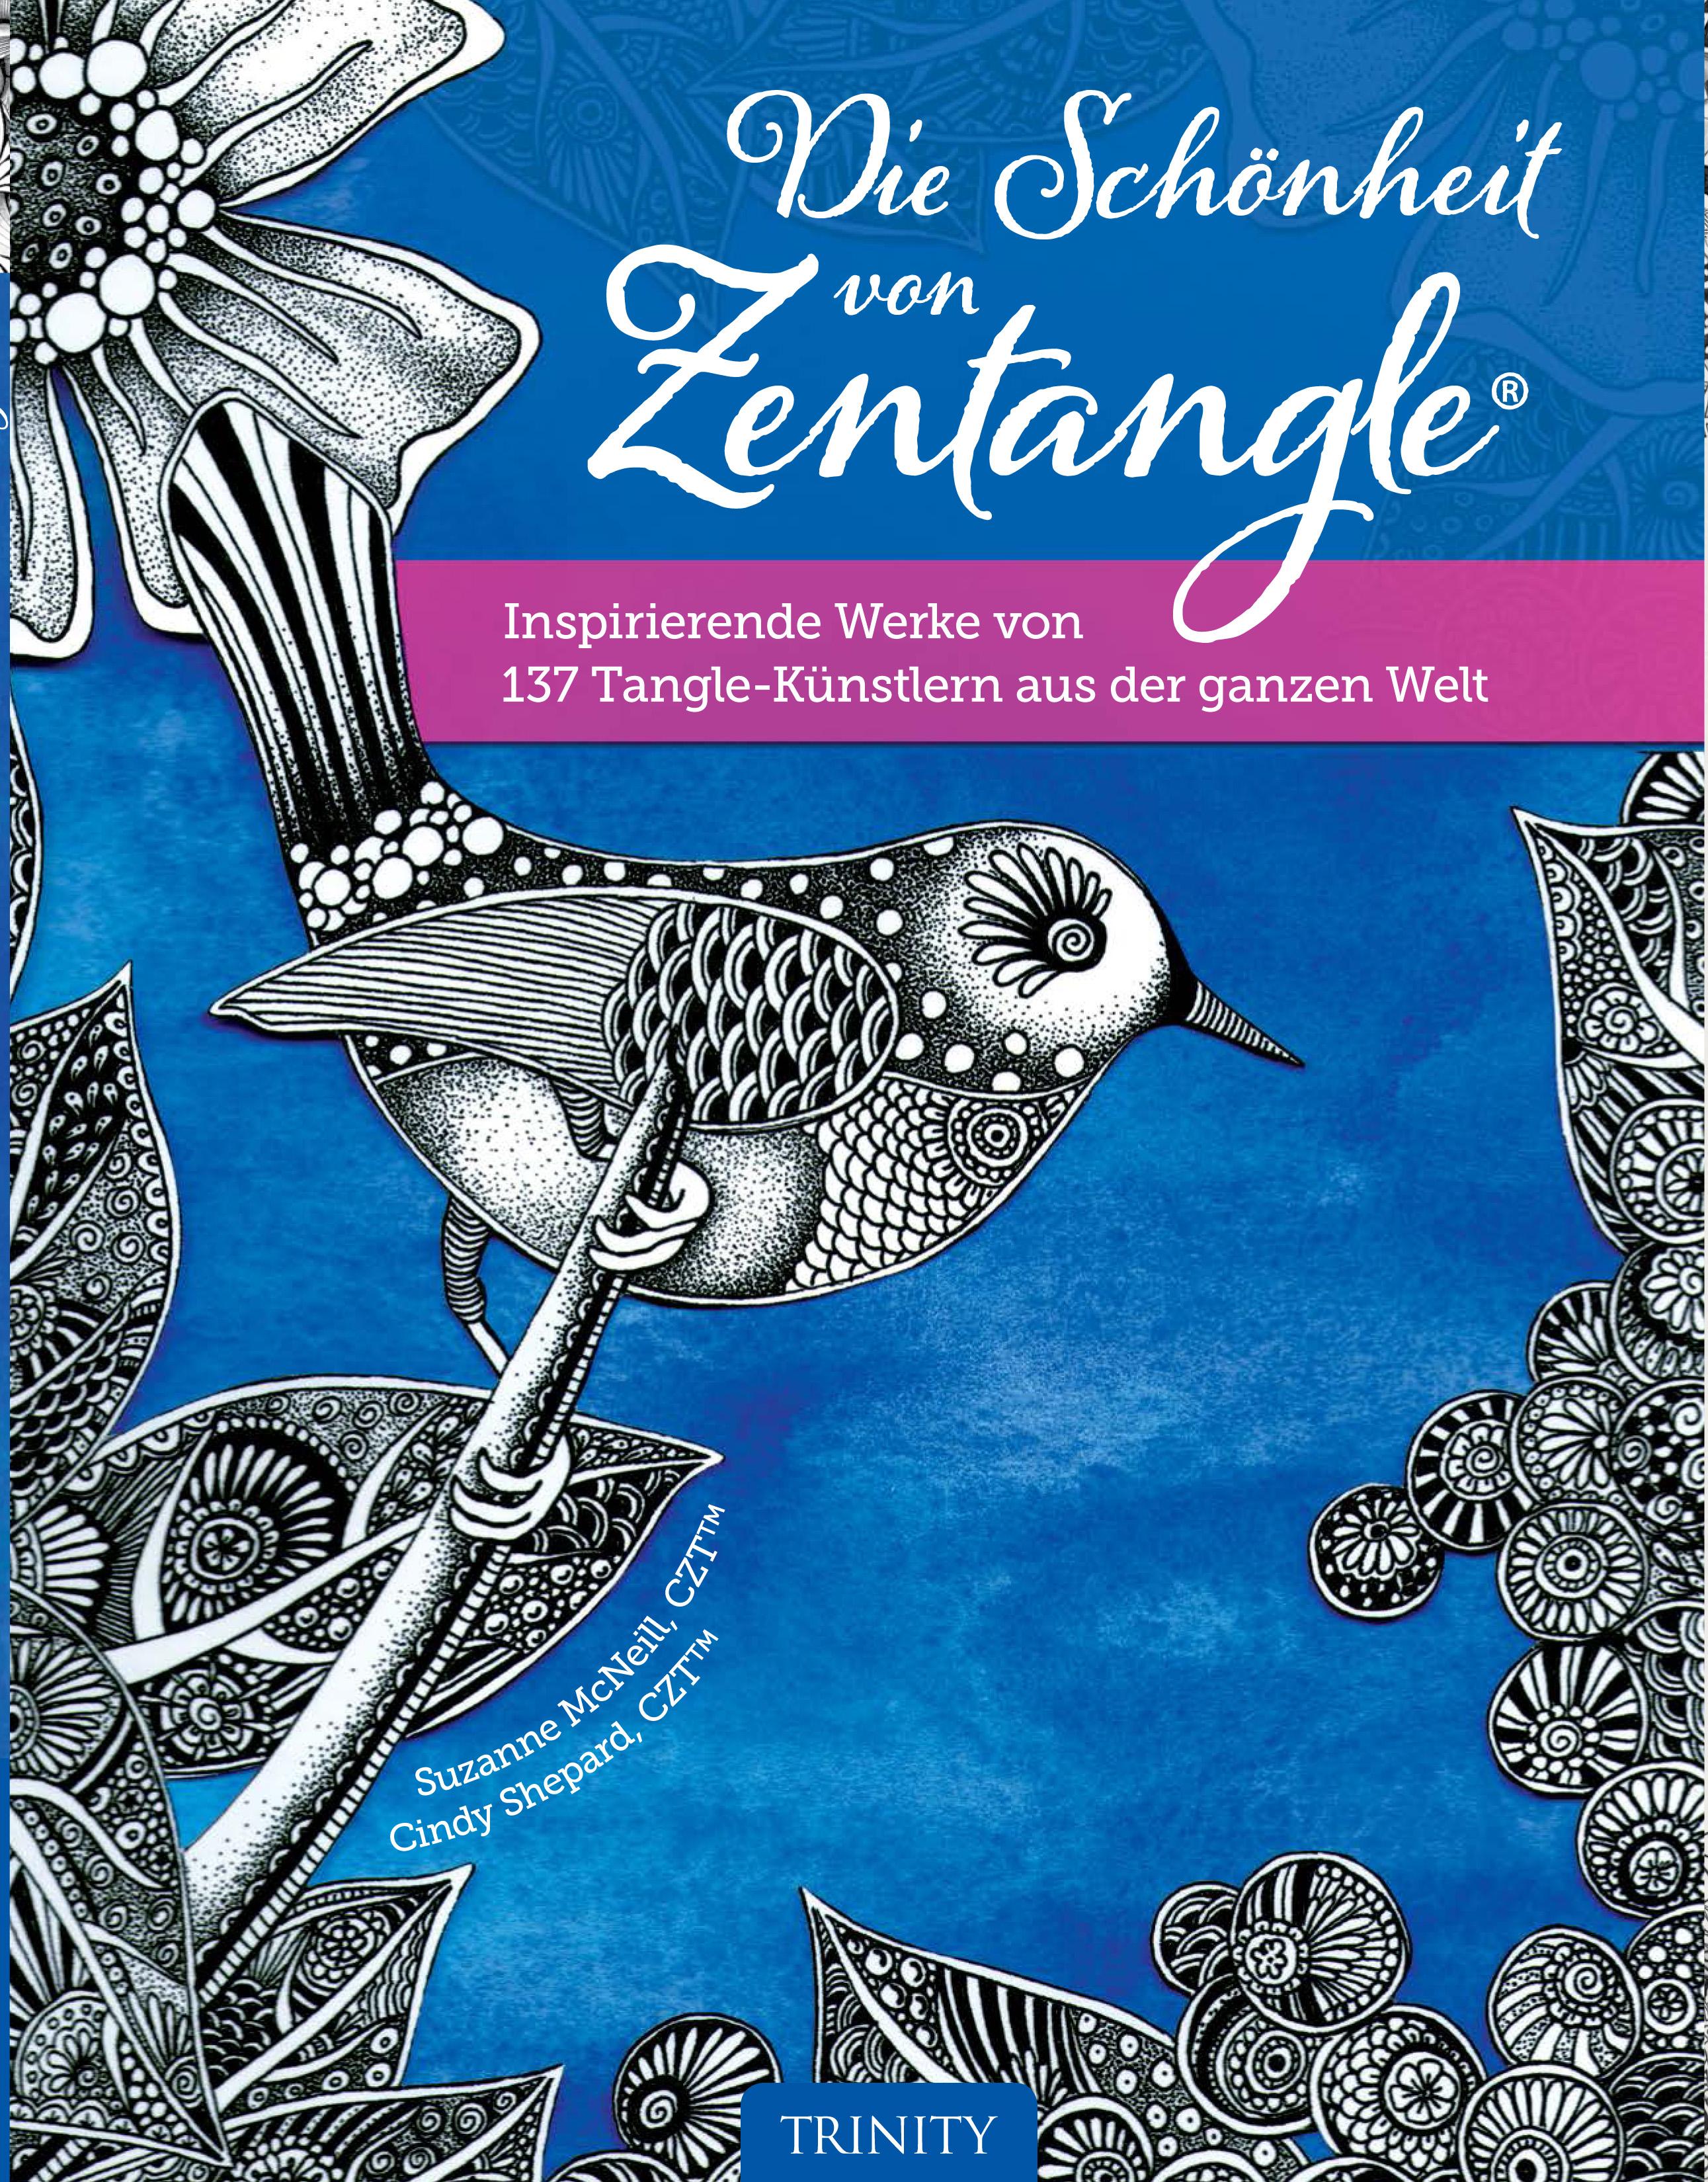 Die Schönheit von Zentangle®: Inspirierende Werke von 137 Tangle-Künstlern aus der ganzen Welt - Suzanne McNeill et al.